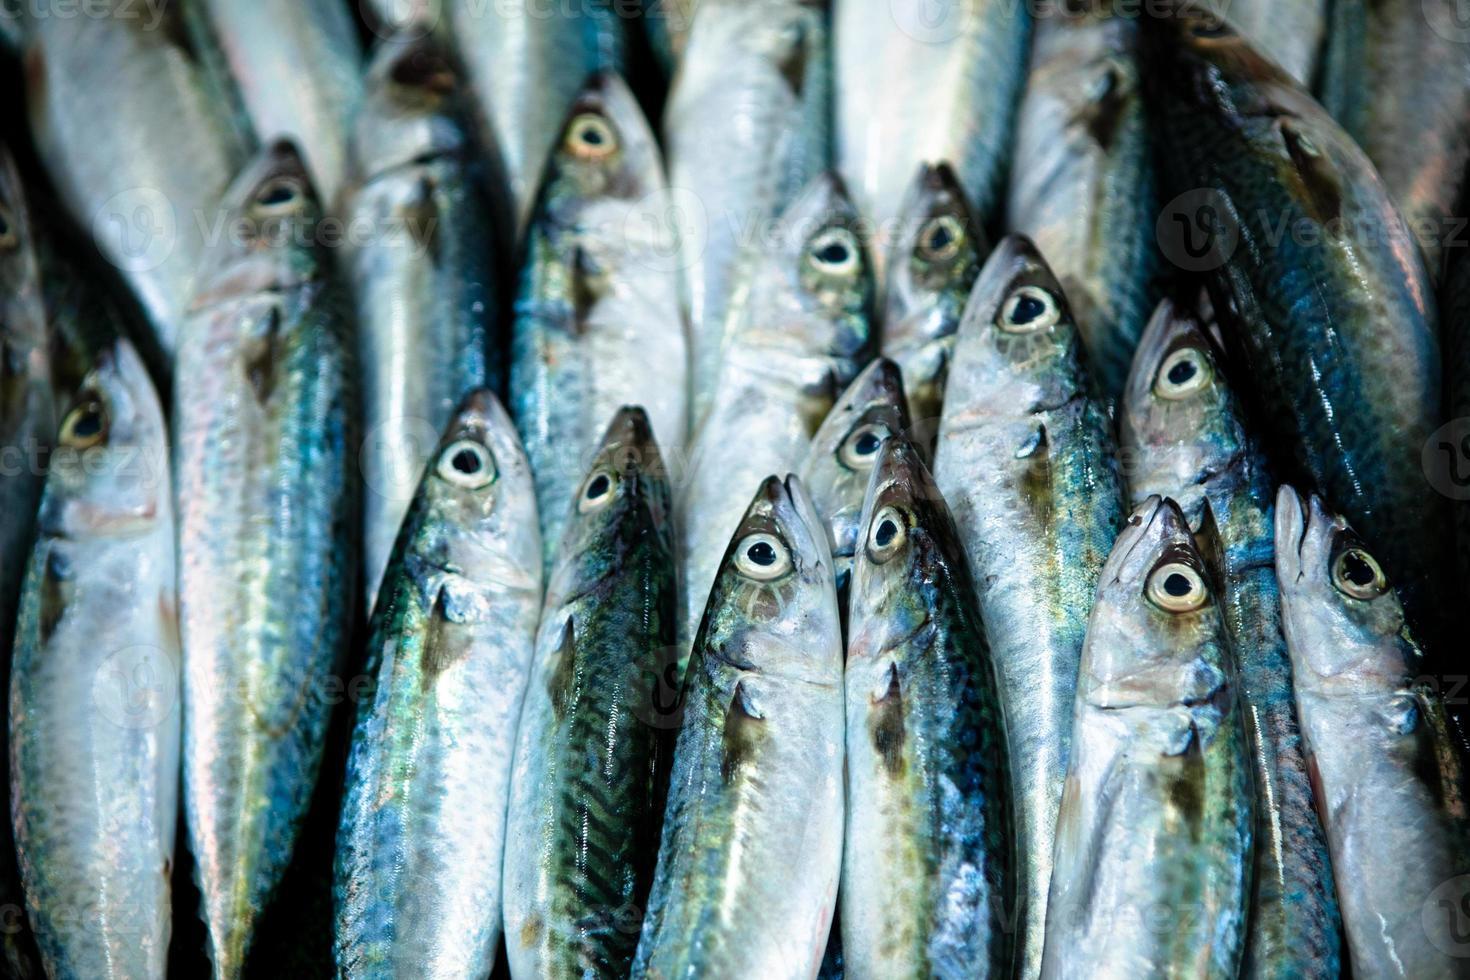 Haufen Fisch zum Verkauf auf dem Markt foto